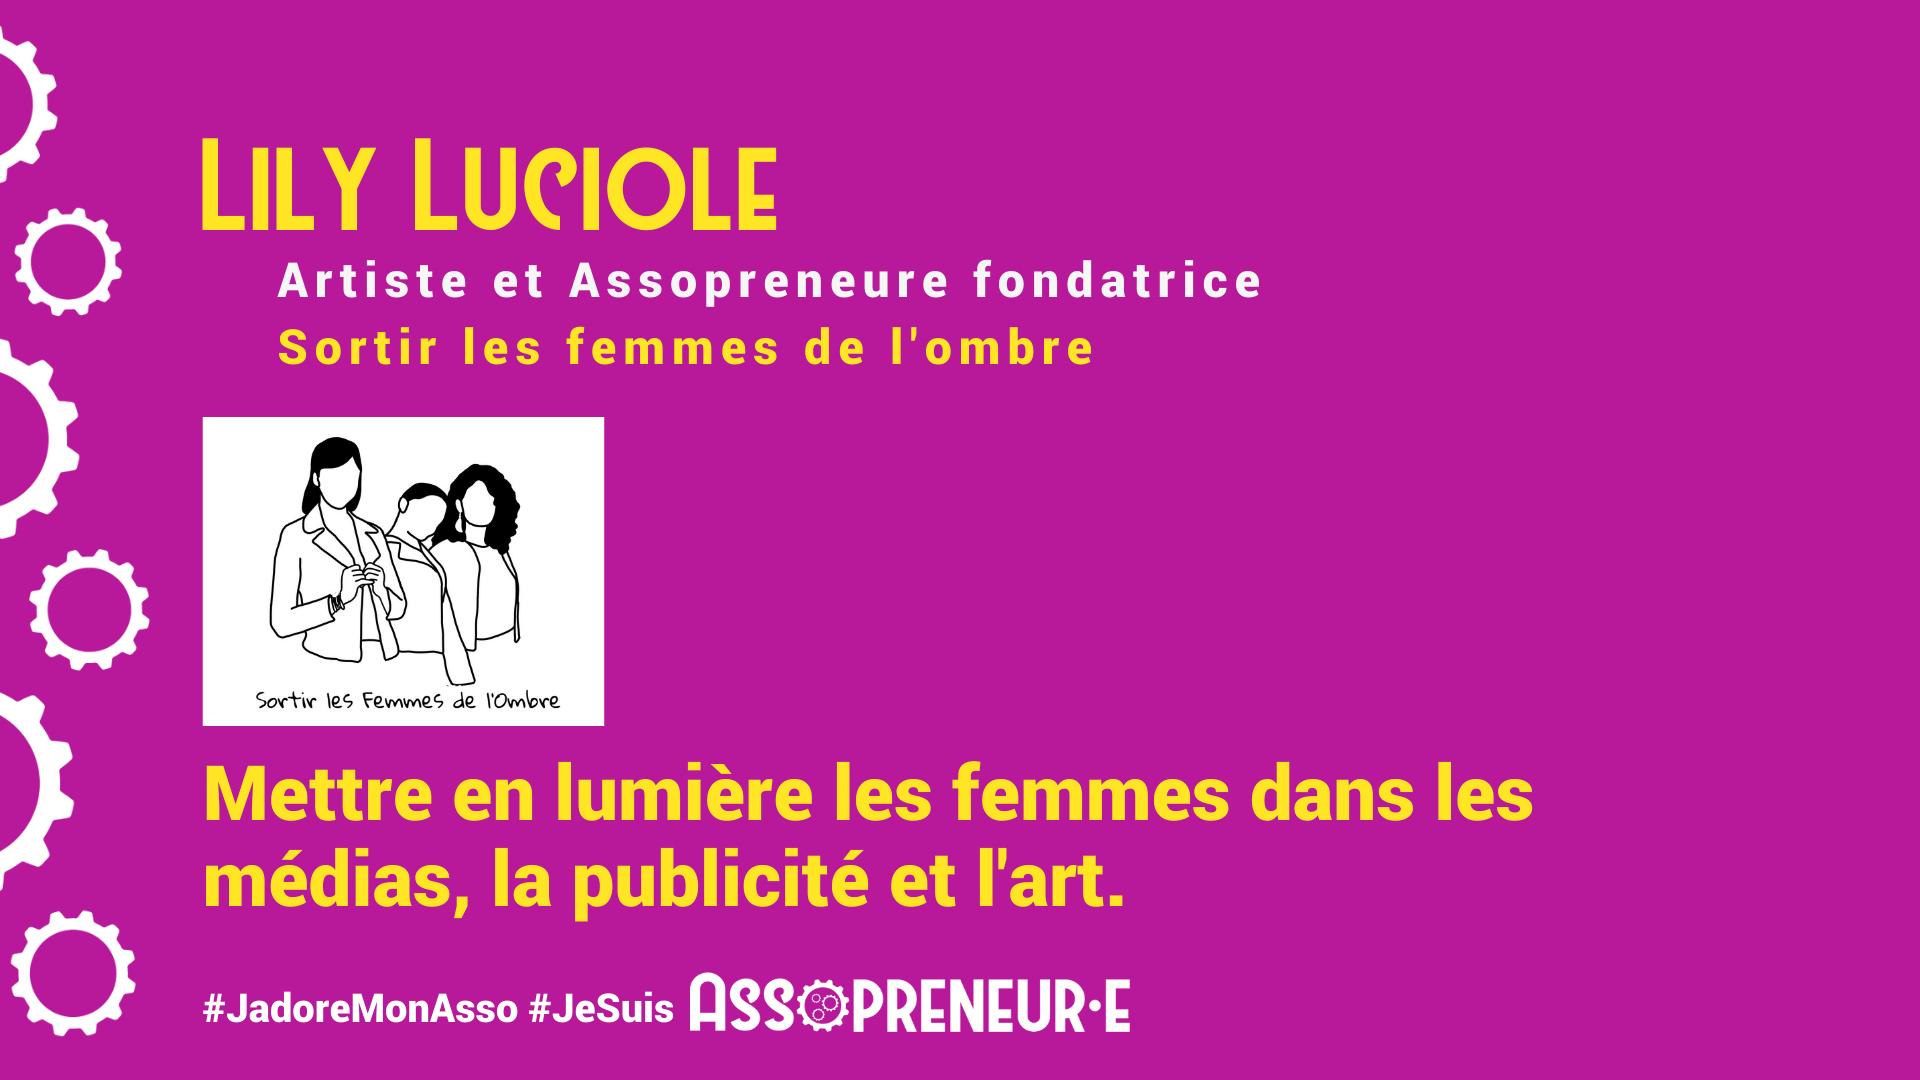 Lily LUCIOLE membre programme Assopreneur